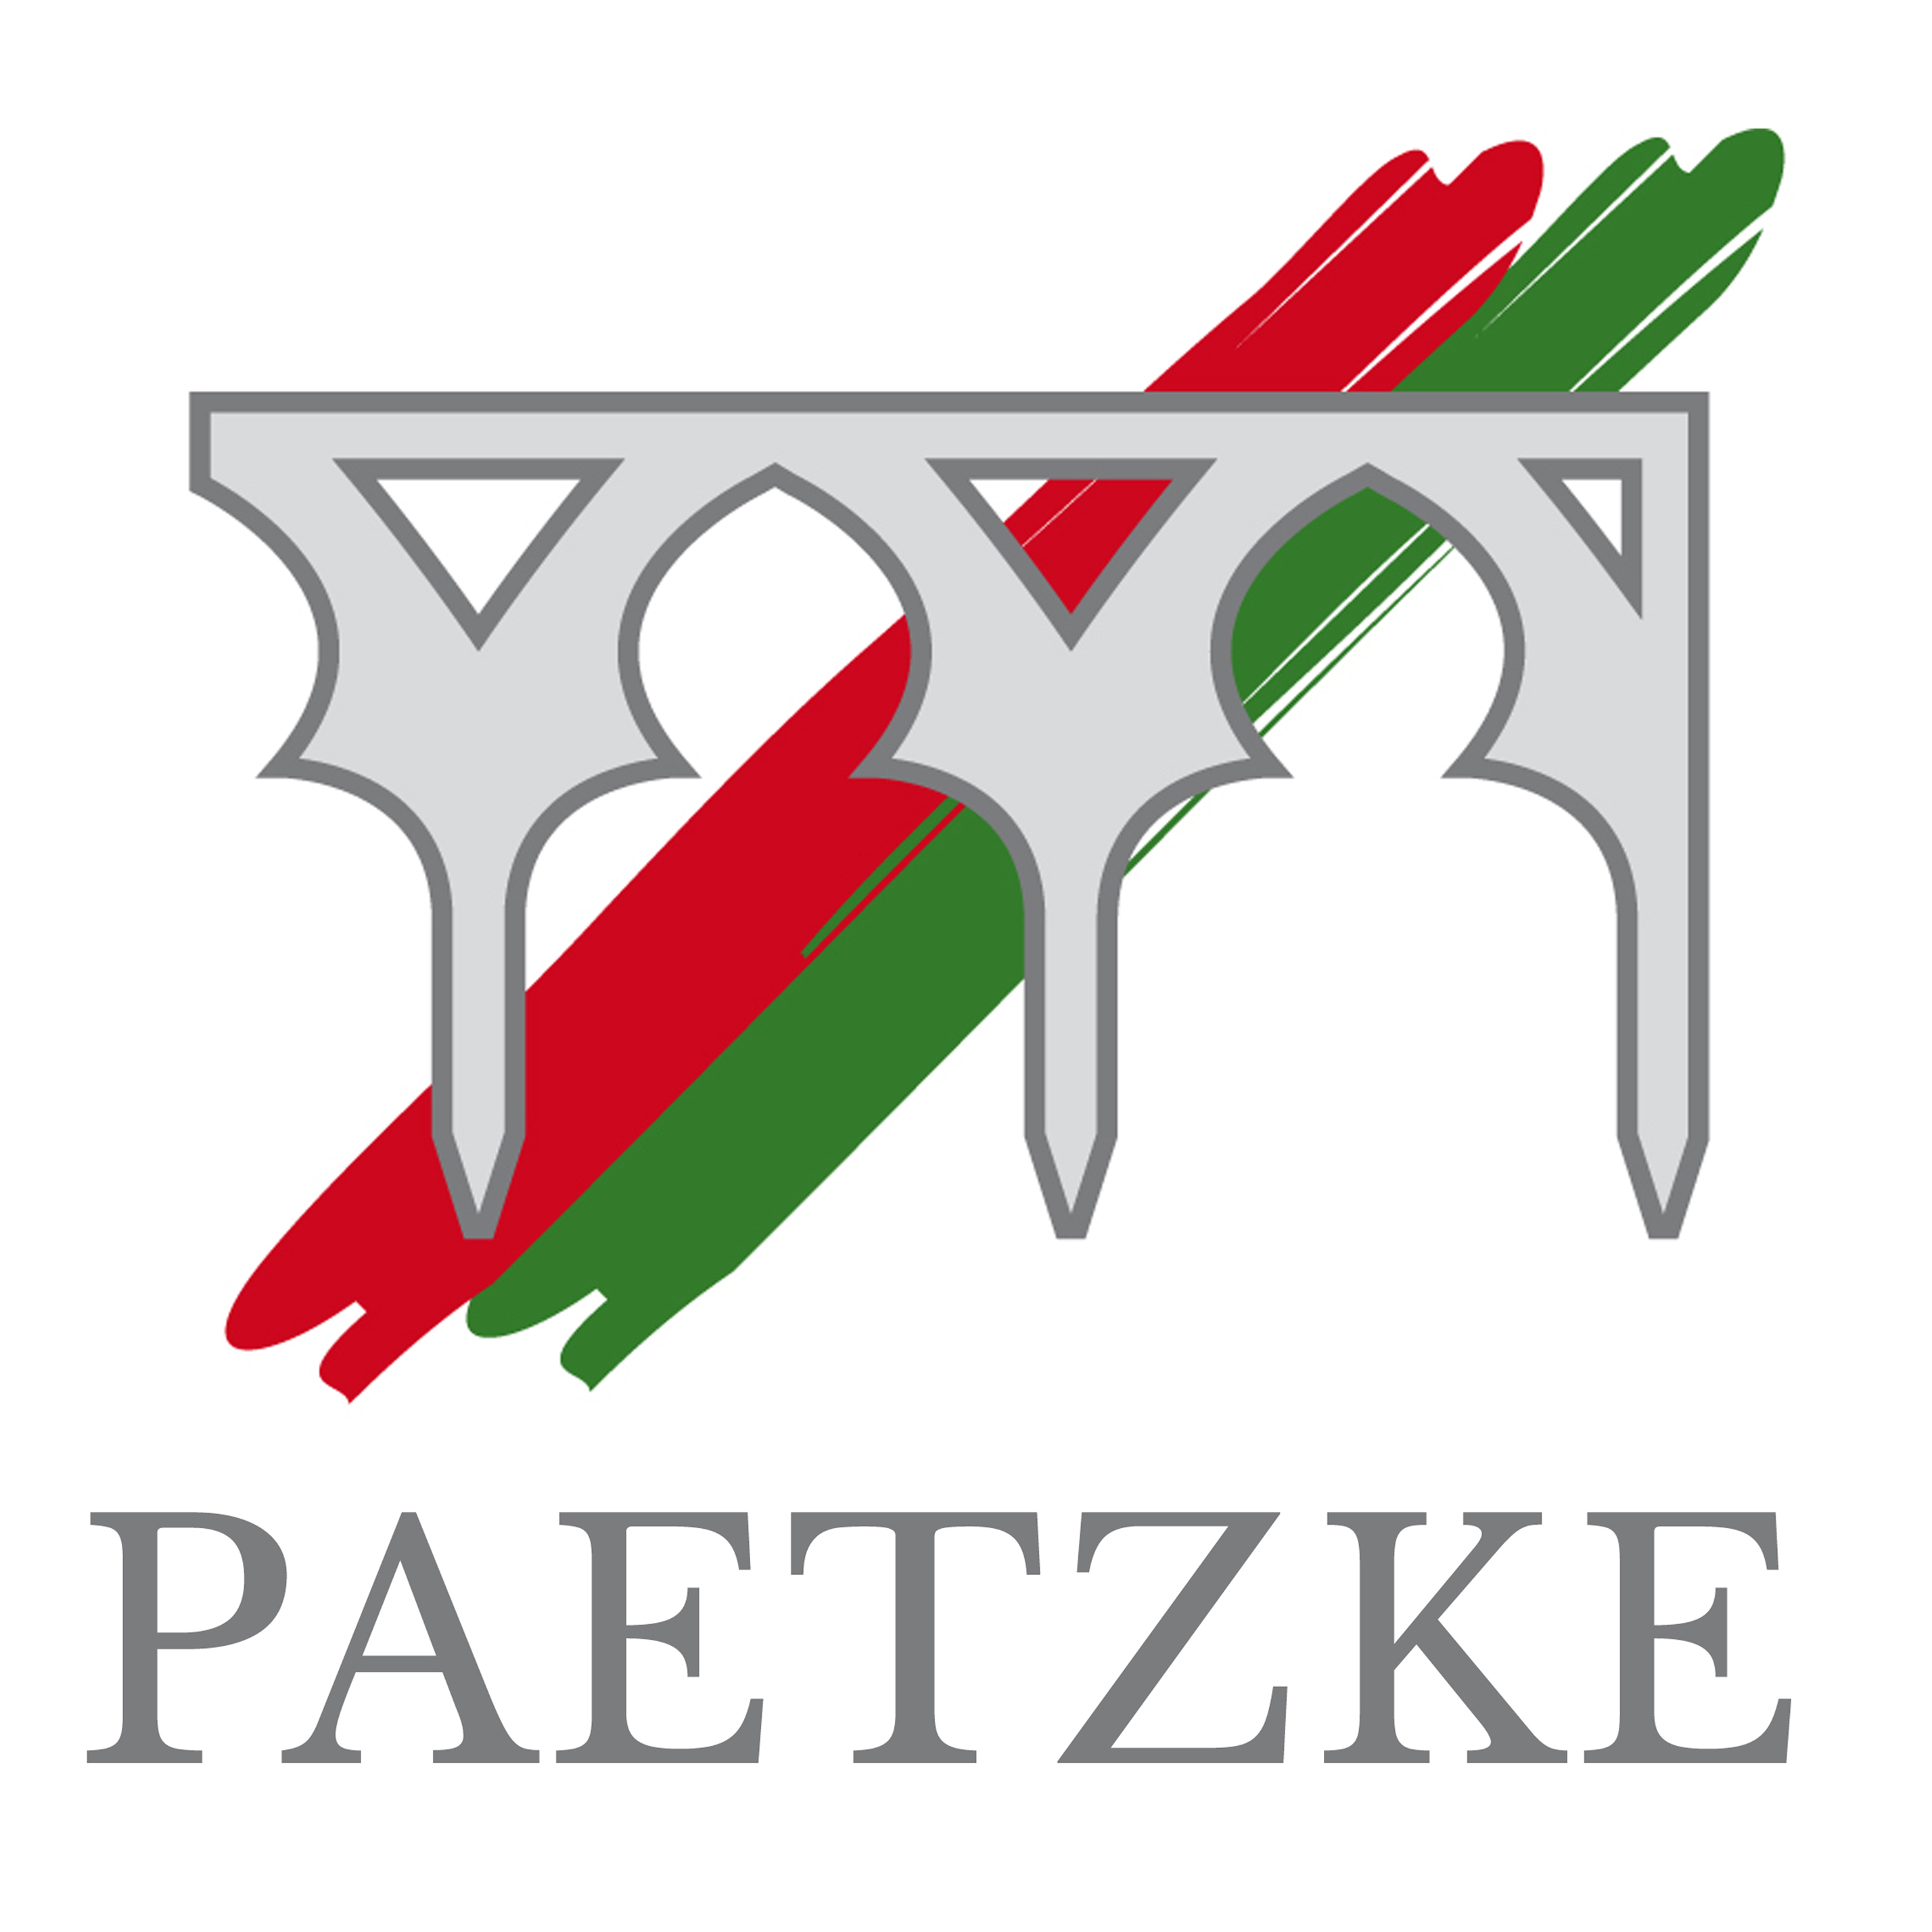 Paetzke GmbH